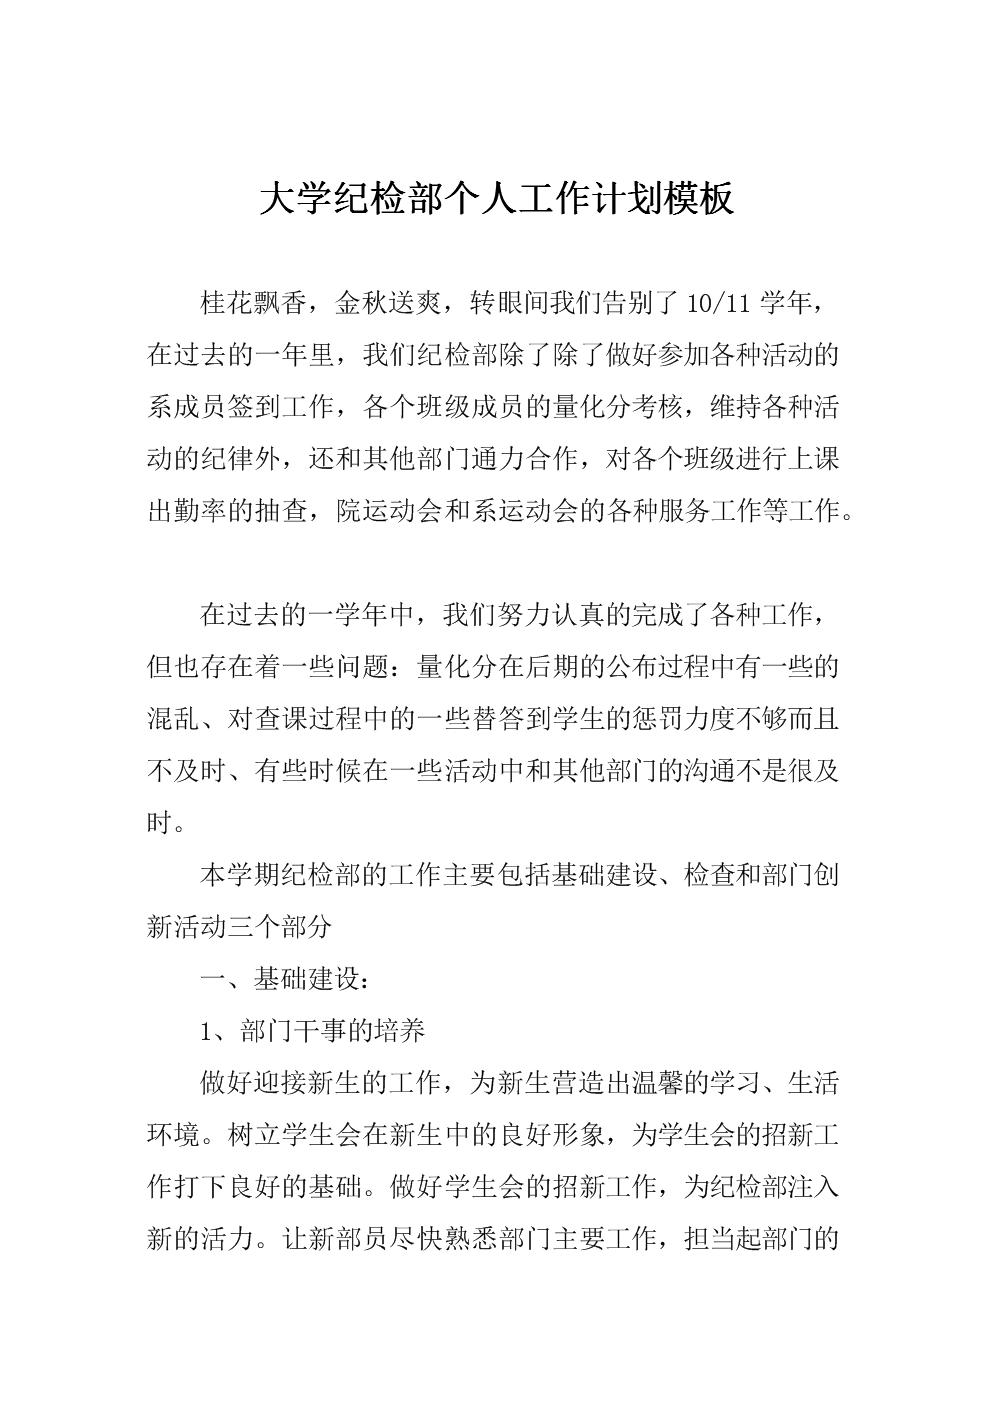 大学纪检部个人工作计划模板.doc